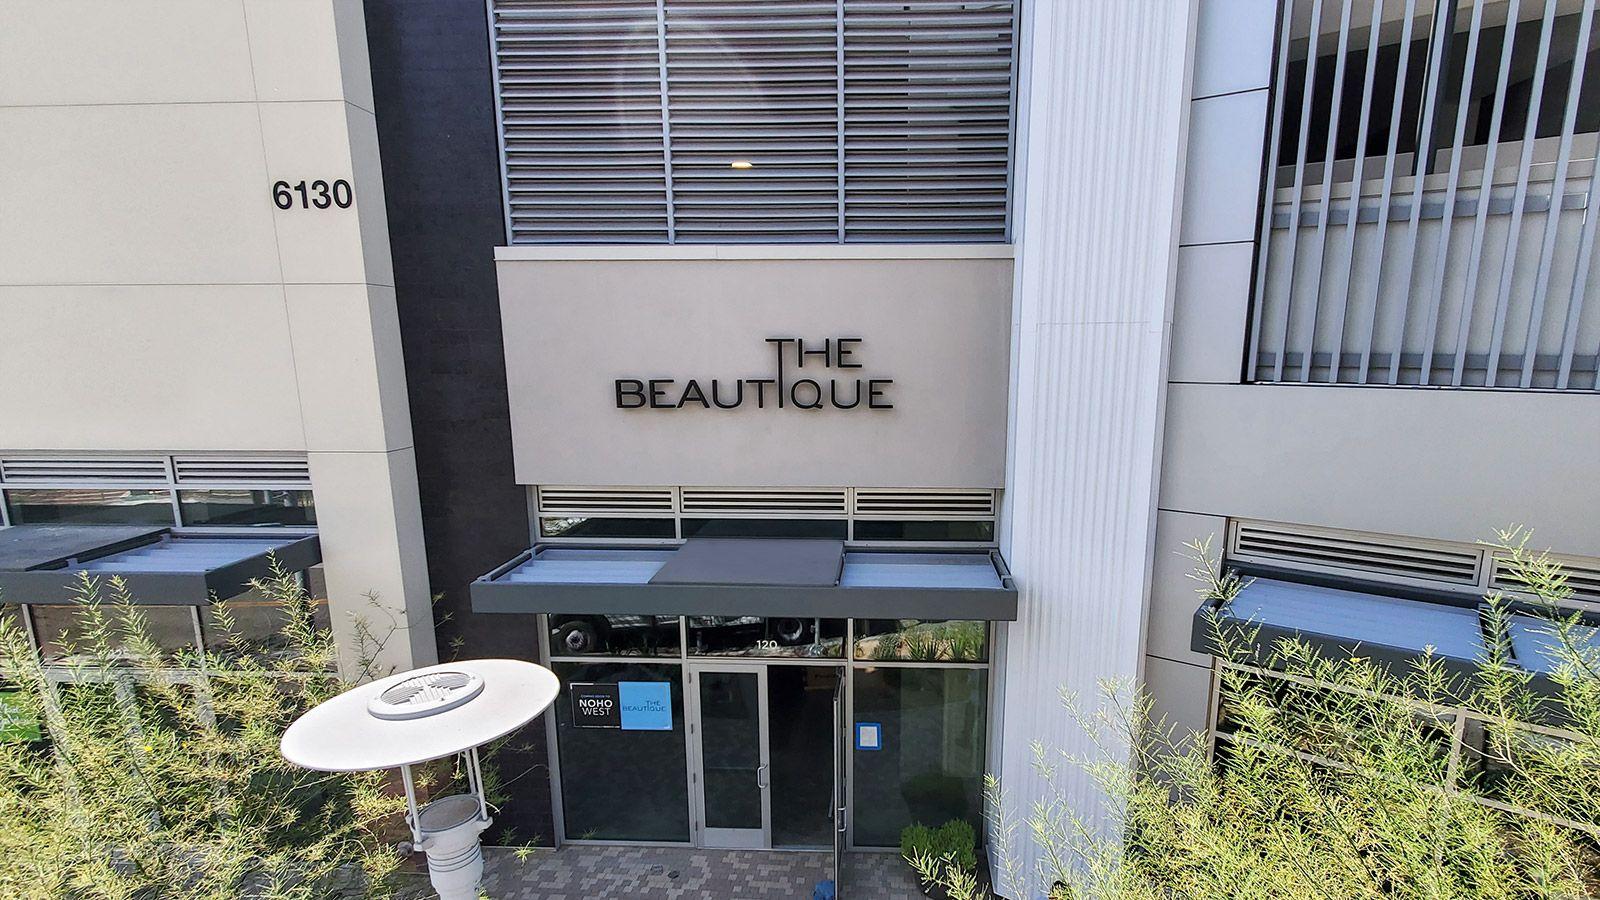 The beautique reverse channel letters